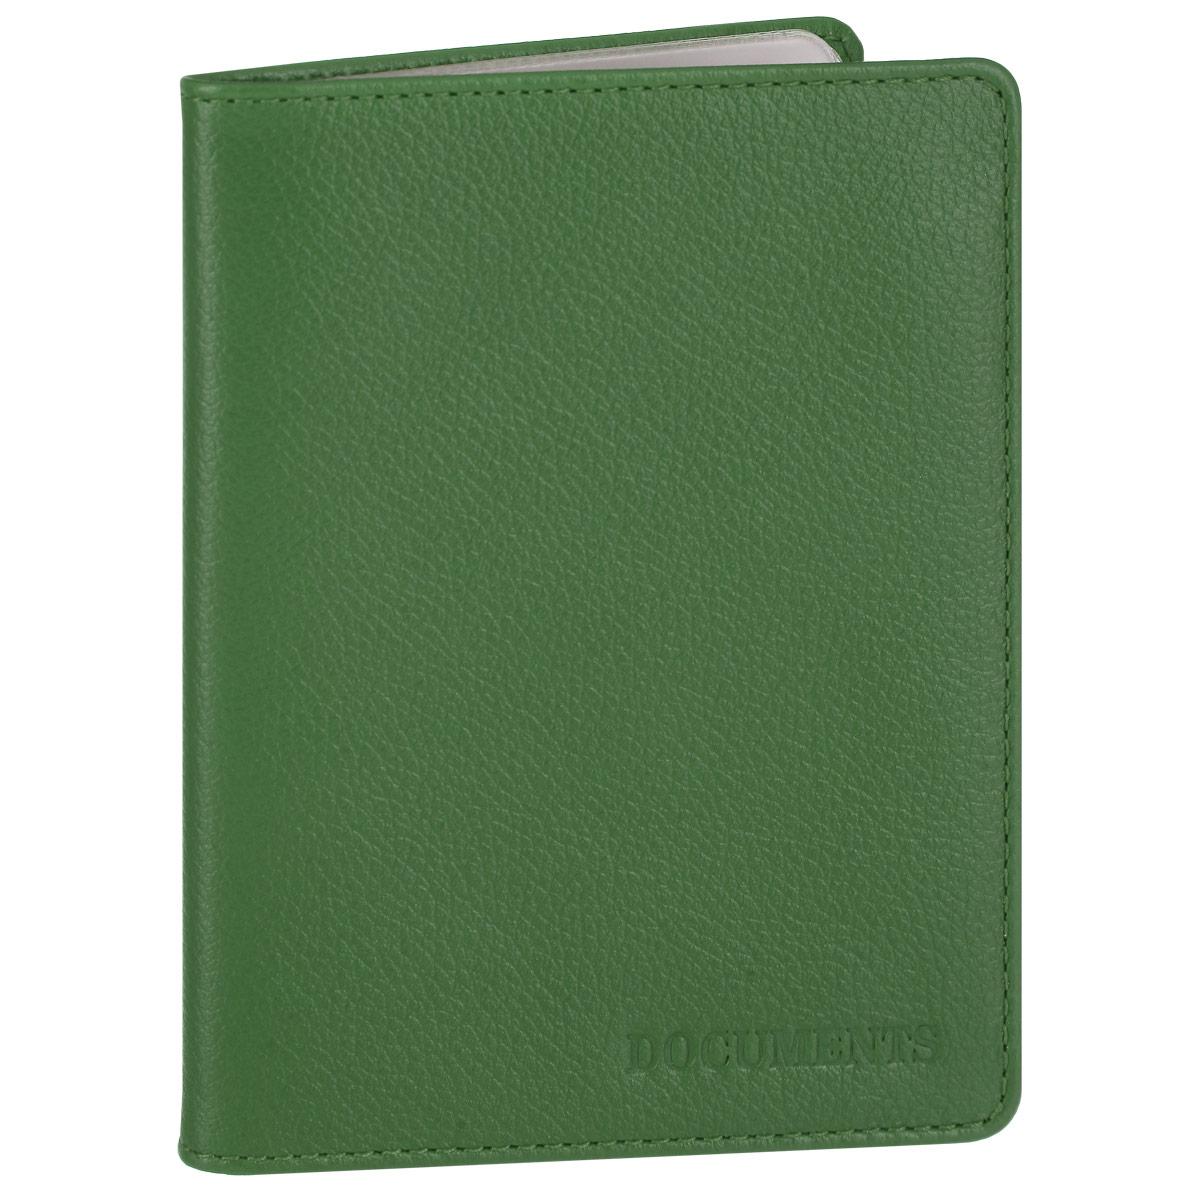 Обложка для автодокументов женская Fabula Every day, цвет: зеленый. BV.53.FP191Стильная обложка для автодокументов Fabula Every day выполнена из натуральной кожи с зернистой текстурой, оформлена тисненой надписью Documents. Обложка для автодокументов раскладывается пополам, внутри расположен пластиковый блок, состоящий из шести карманов и двух накладных кармашков.Такая обложка для автодокументов станет прекрасным и стильным подарком человеку, любящему оригинальные и практичные вещи.